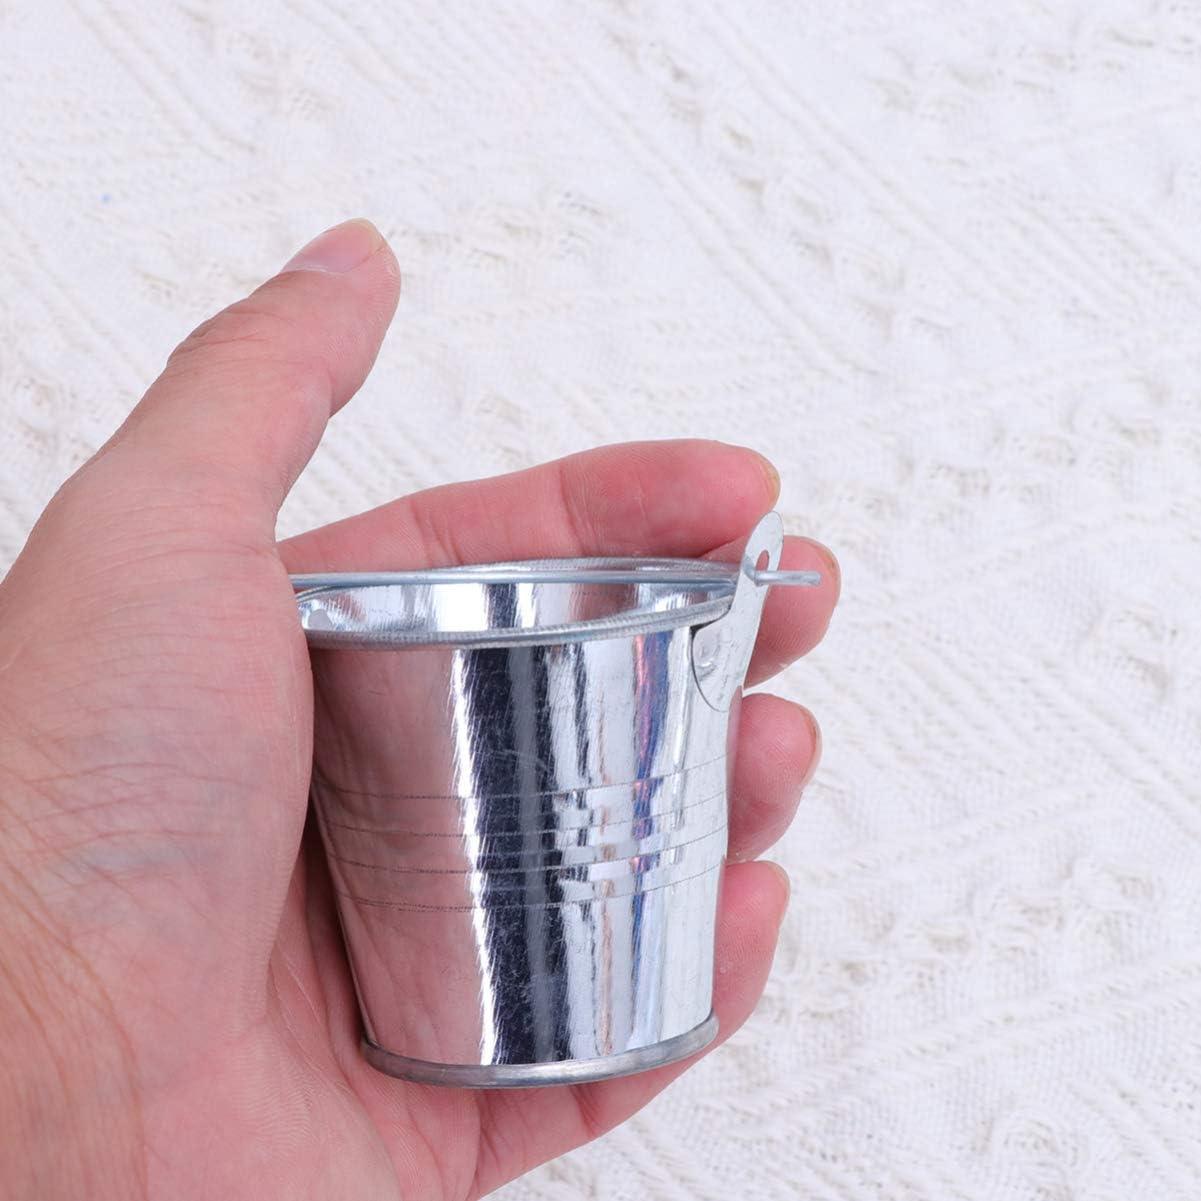 NUOBESTY 24 pi/èces Seaux /à Drag/ées Mini Fer Seaux Petit Seau M/étal avec poign/ées Bo/îte /à drag/ées Seau Cadeau de f/ête Mariage Pr/ésentoir Condiments Support cendrier